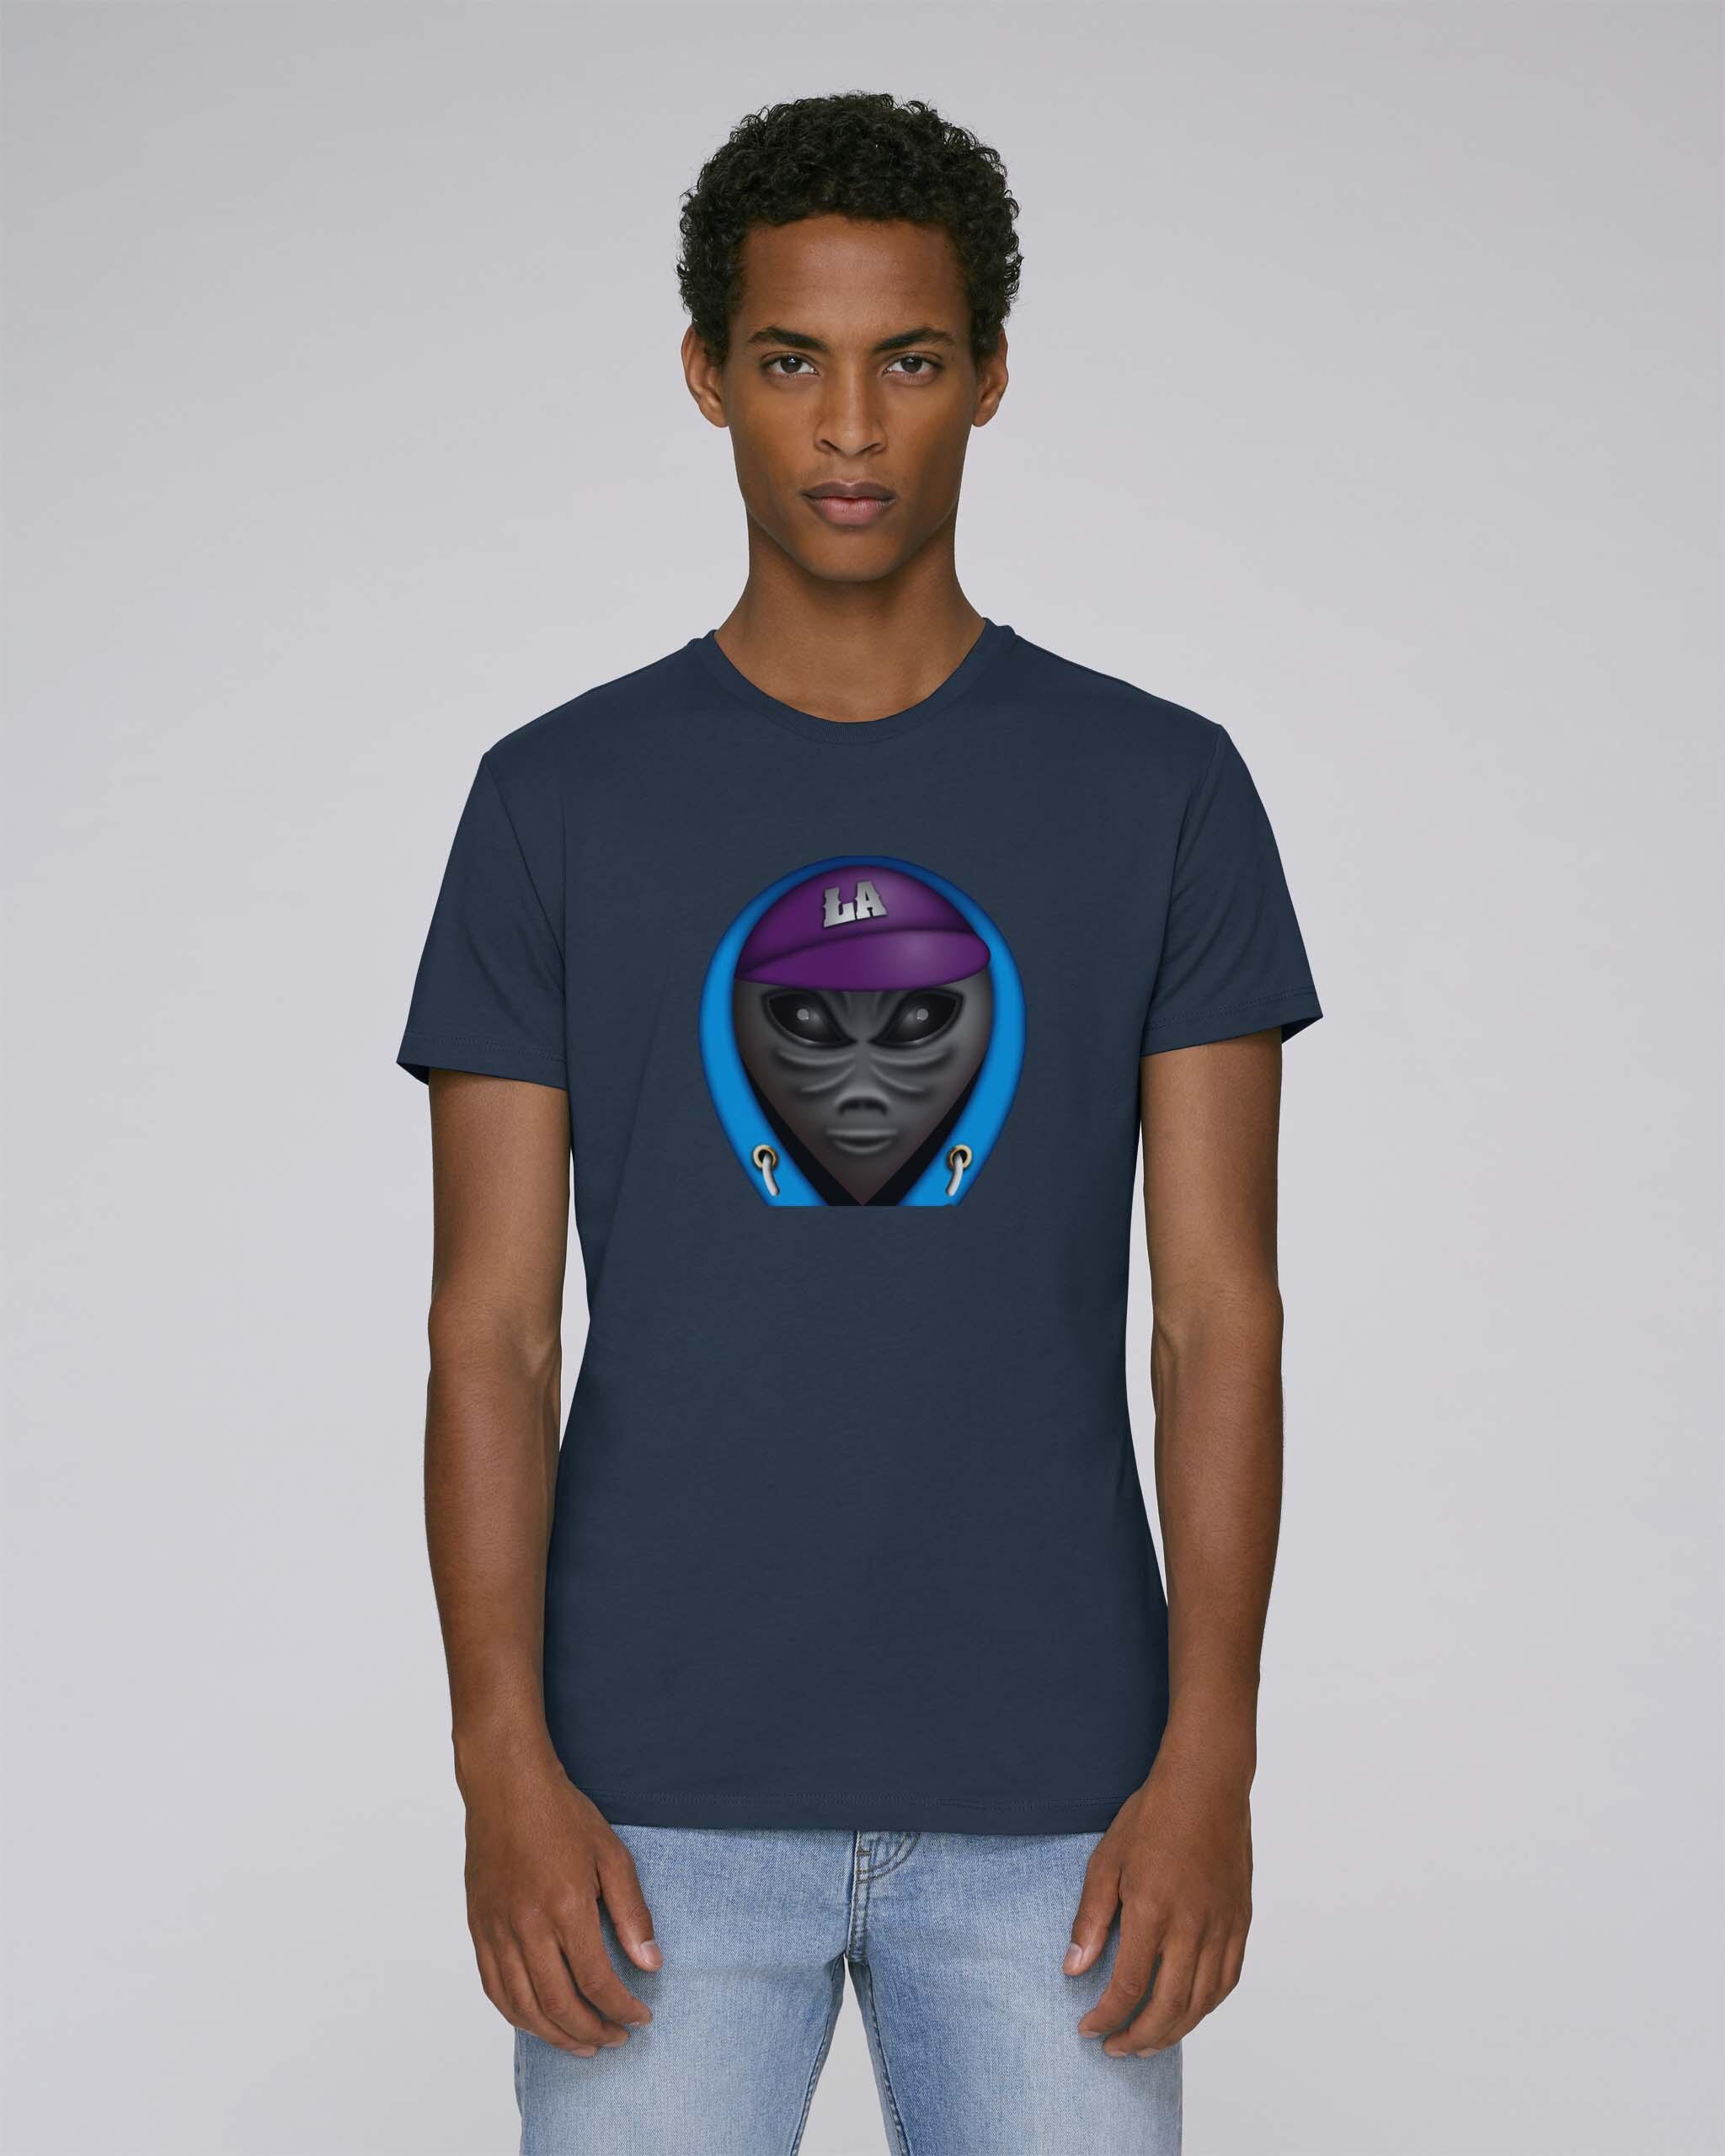 T-Shirt Bio Bleu foncé Homme - Ovni tee